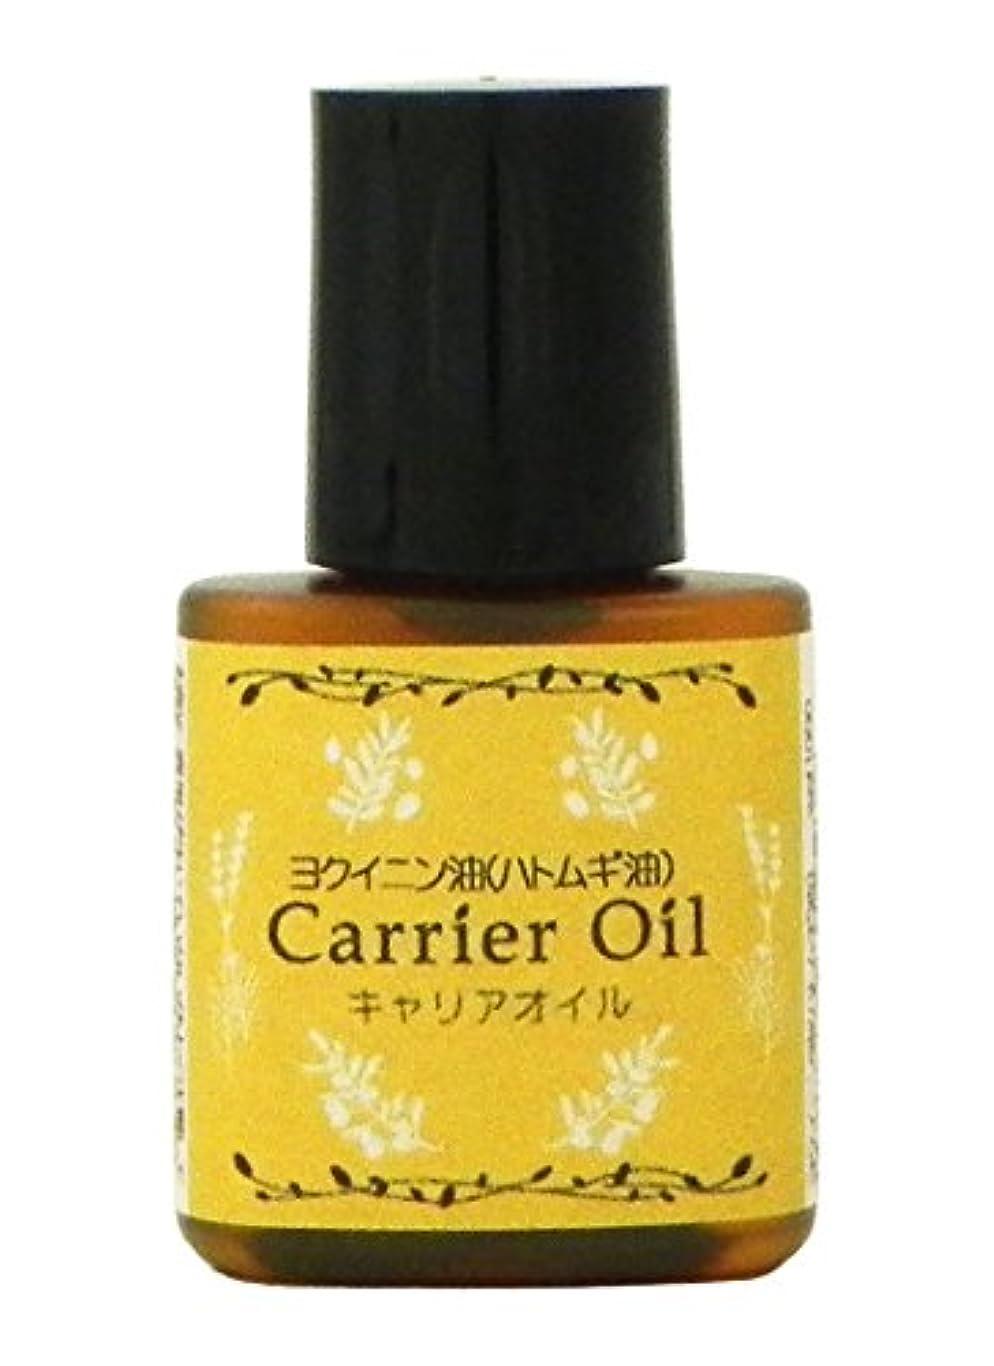 ランプあごひげチラチラするヨクイニン油 (ハトムギ油) キャリアオイル 10ml